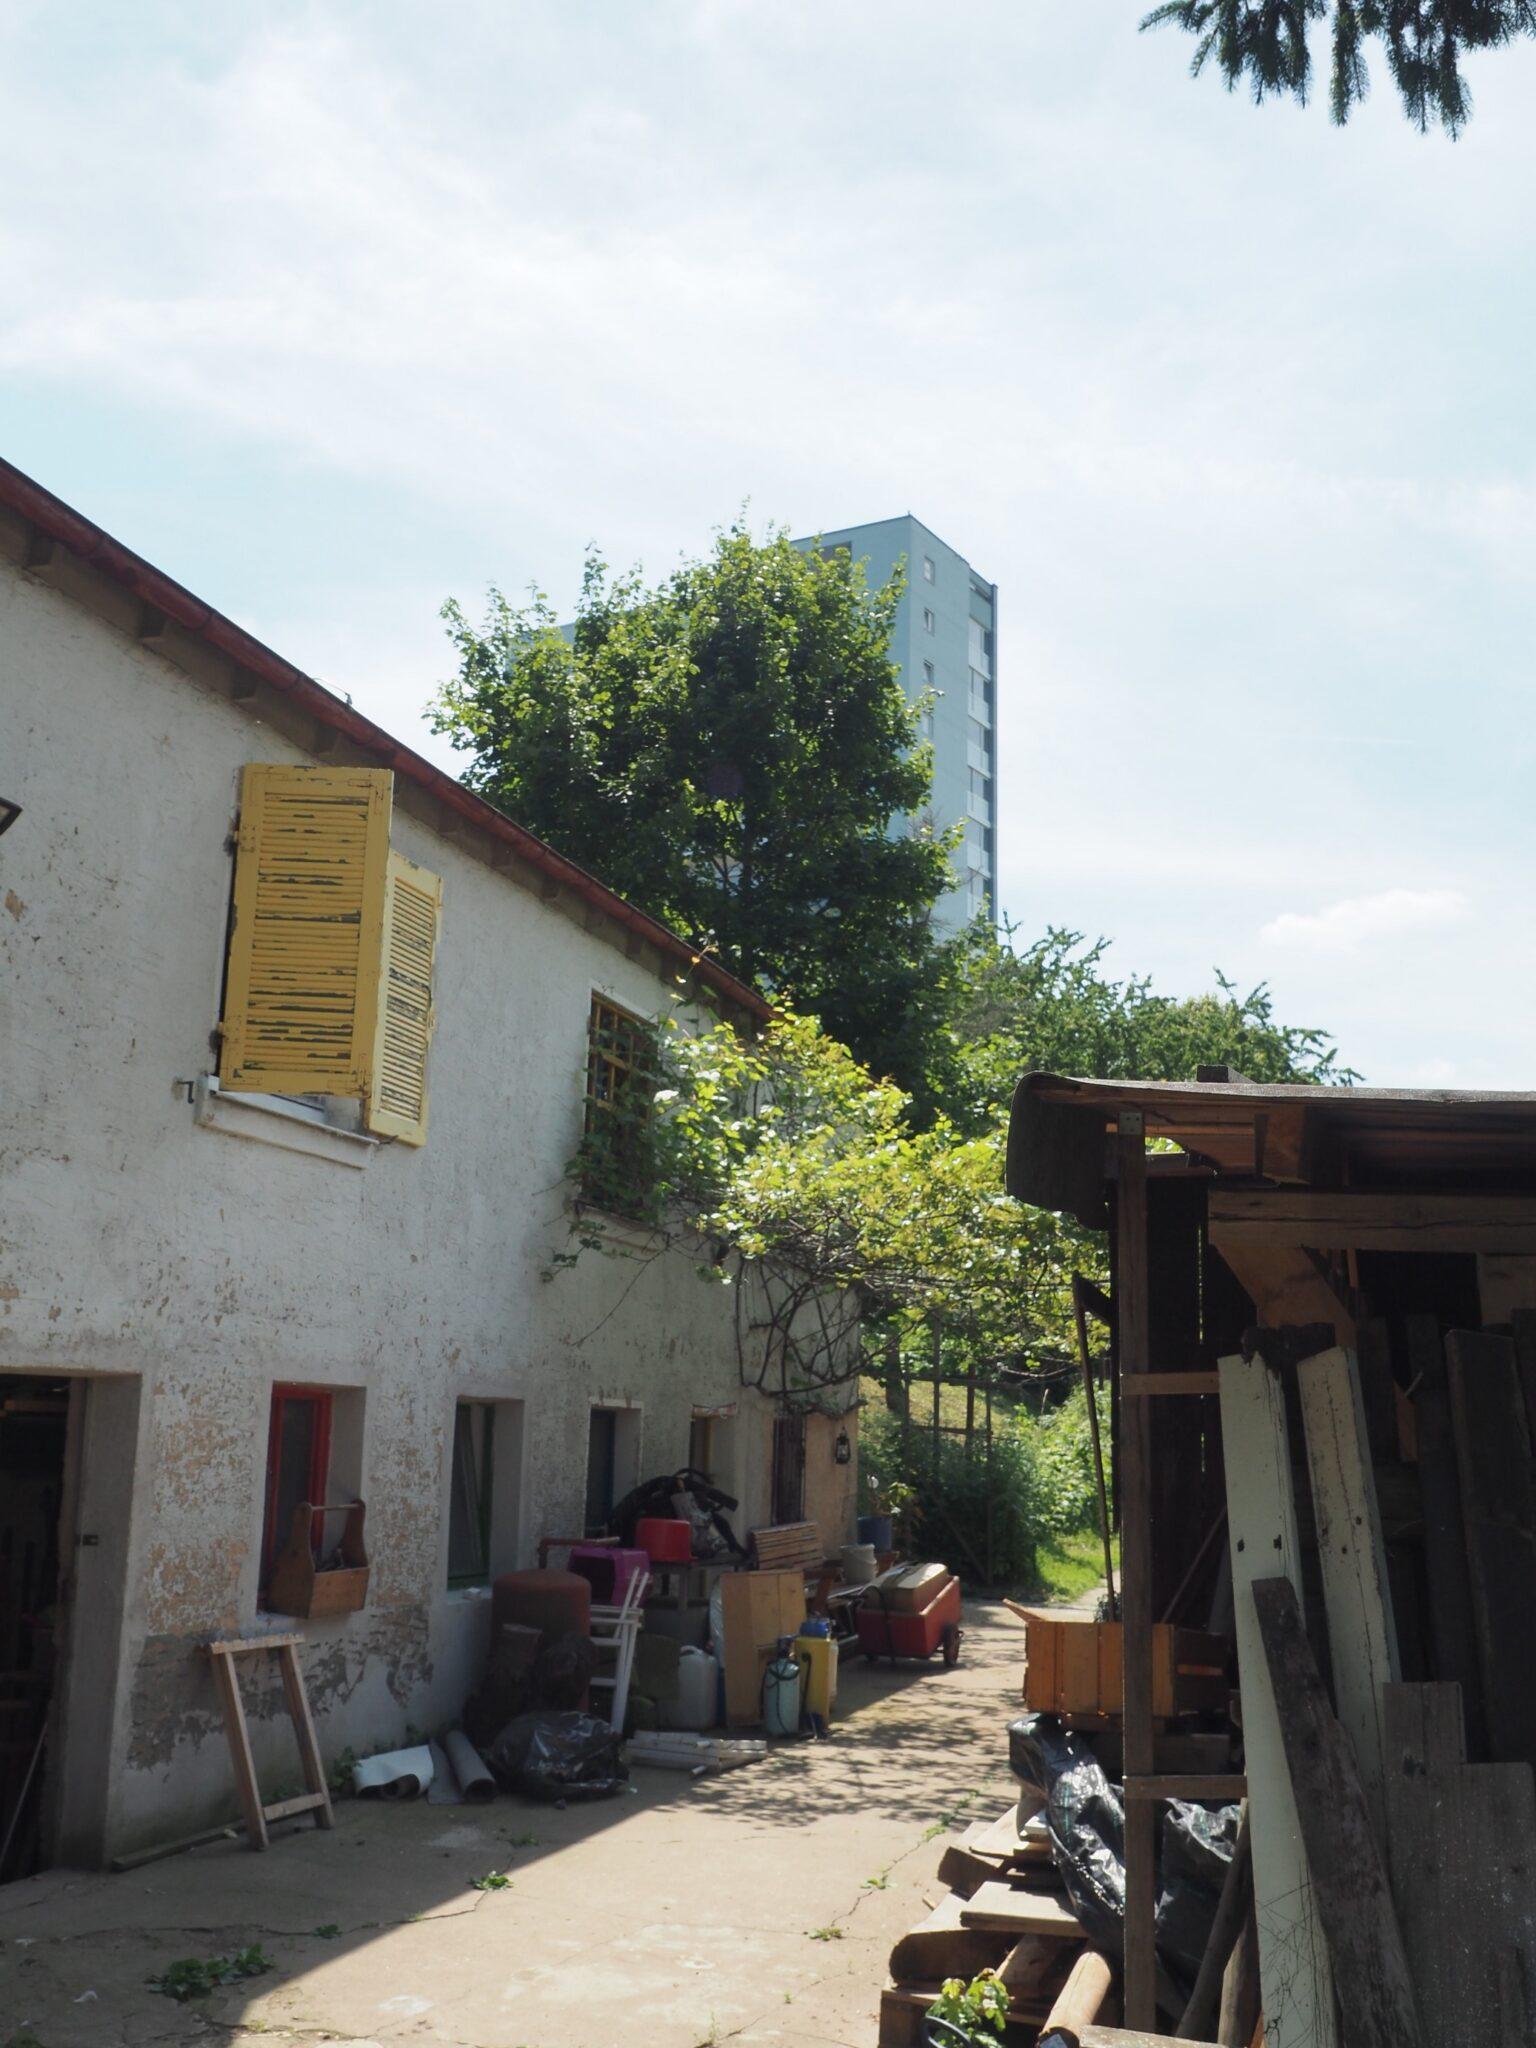 Immanuel-Grötzinger-Haus in Stuttgart-Rot